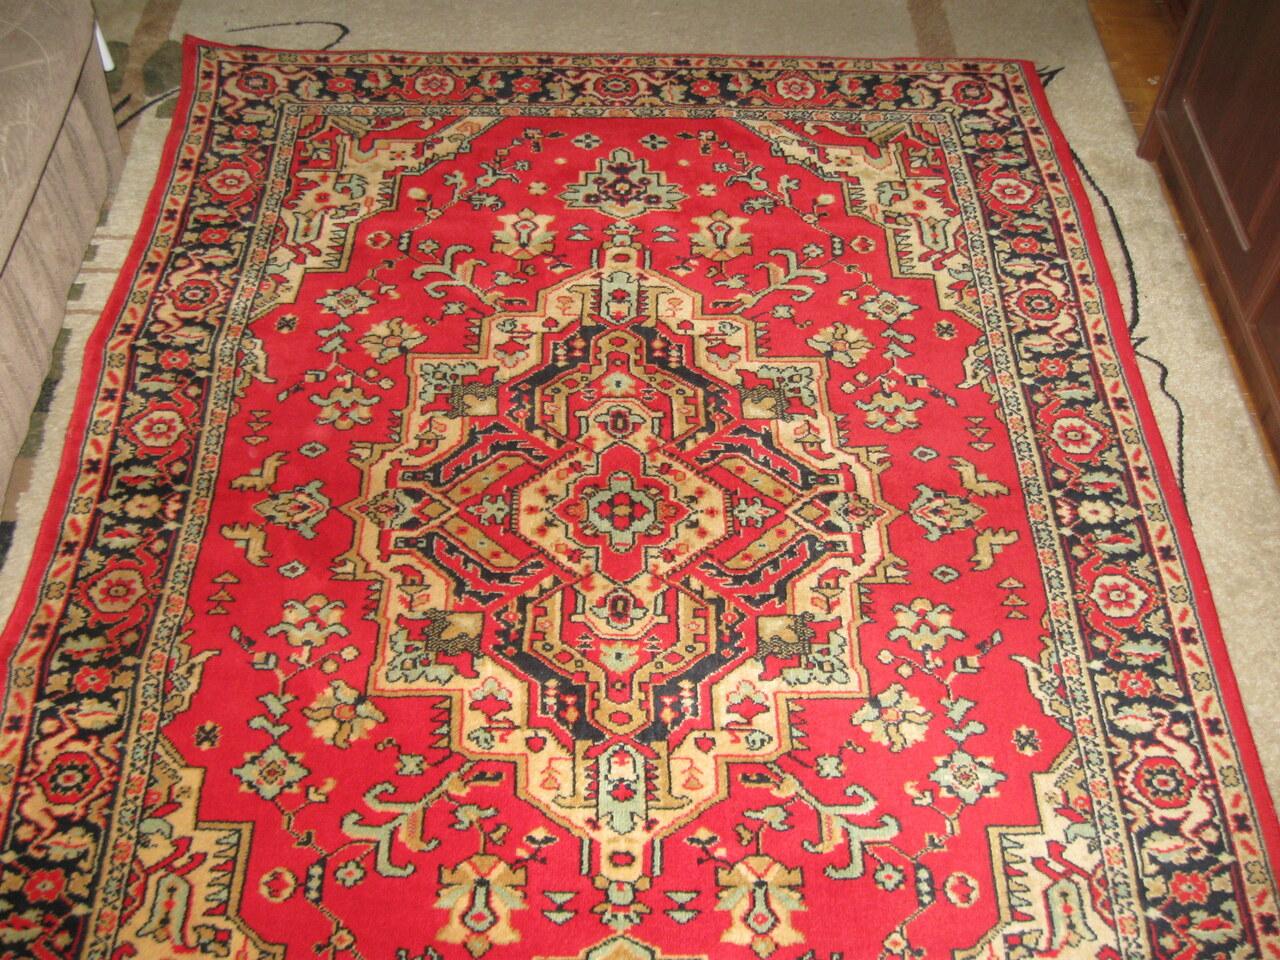 старые советские ковры фото испытывает